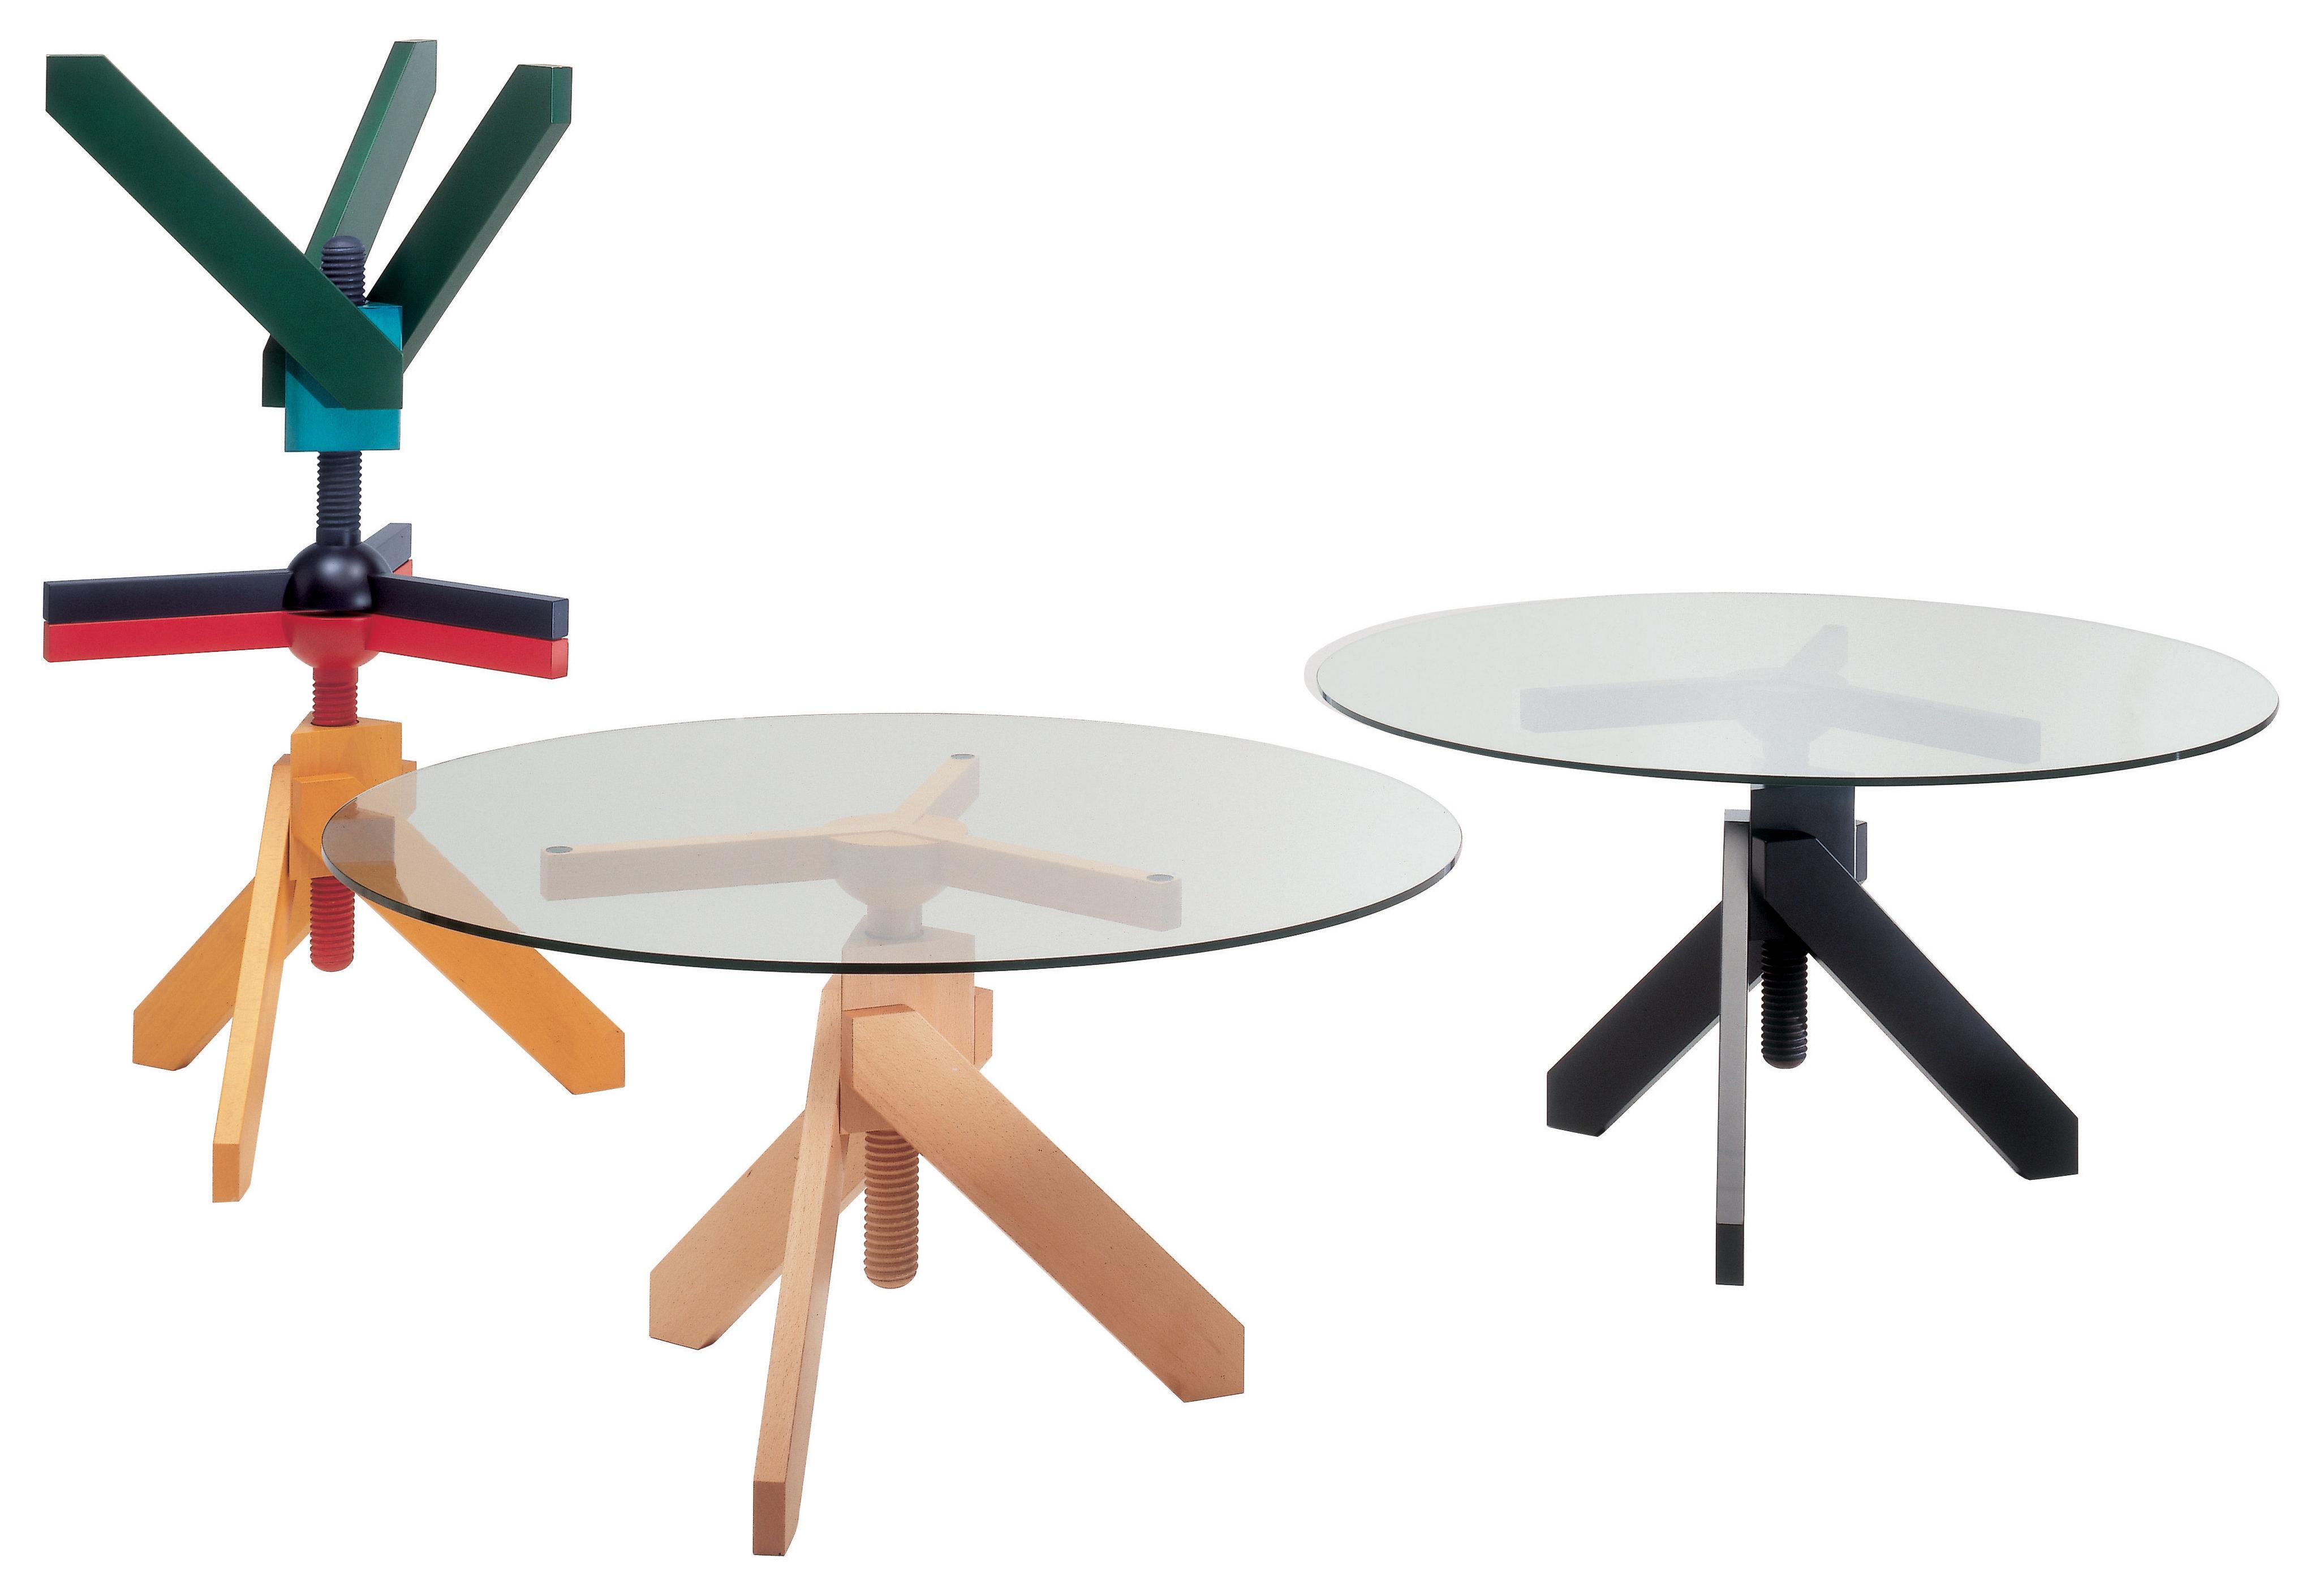 Scopri tavolo vidun altezza regolabile nero di de padova made in design italia - Tavolo regolabile in altezza ...